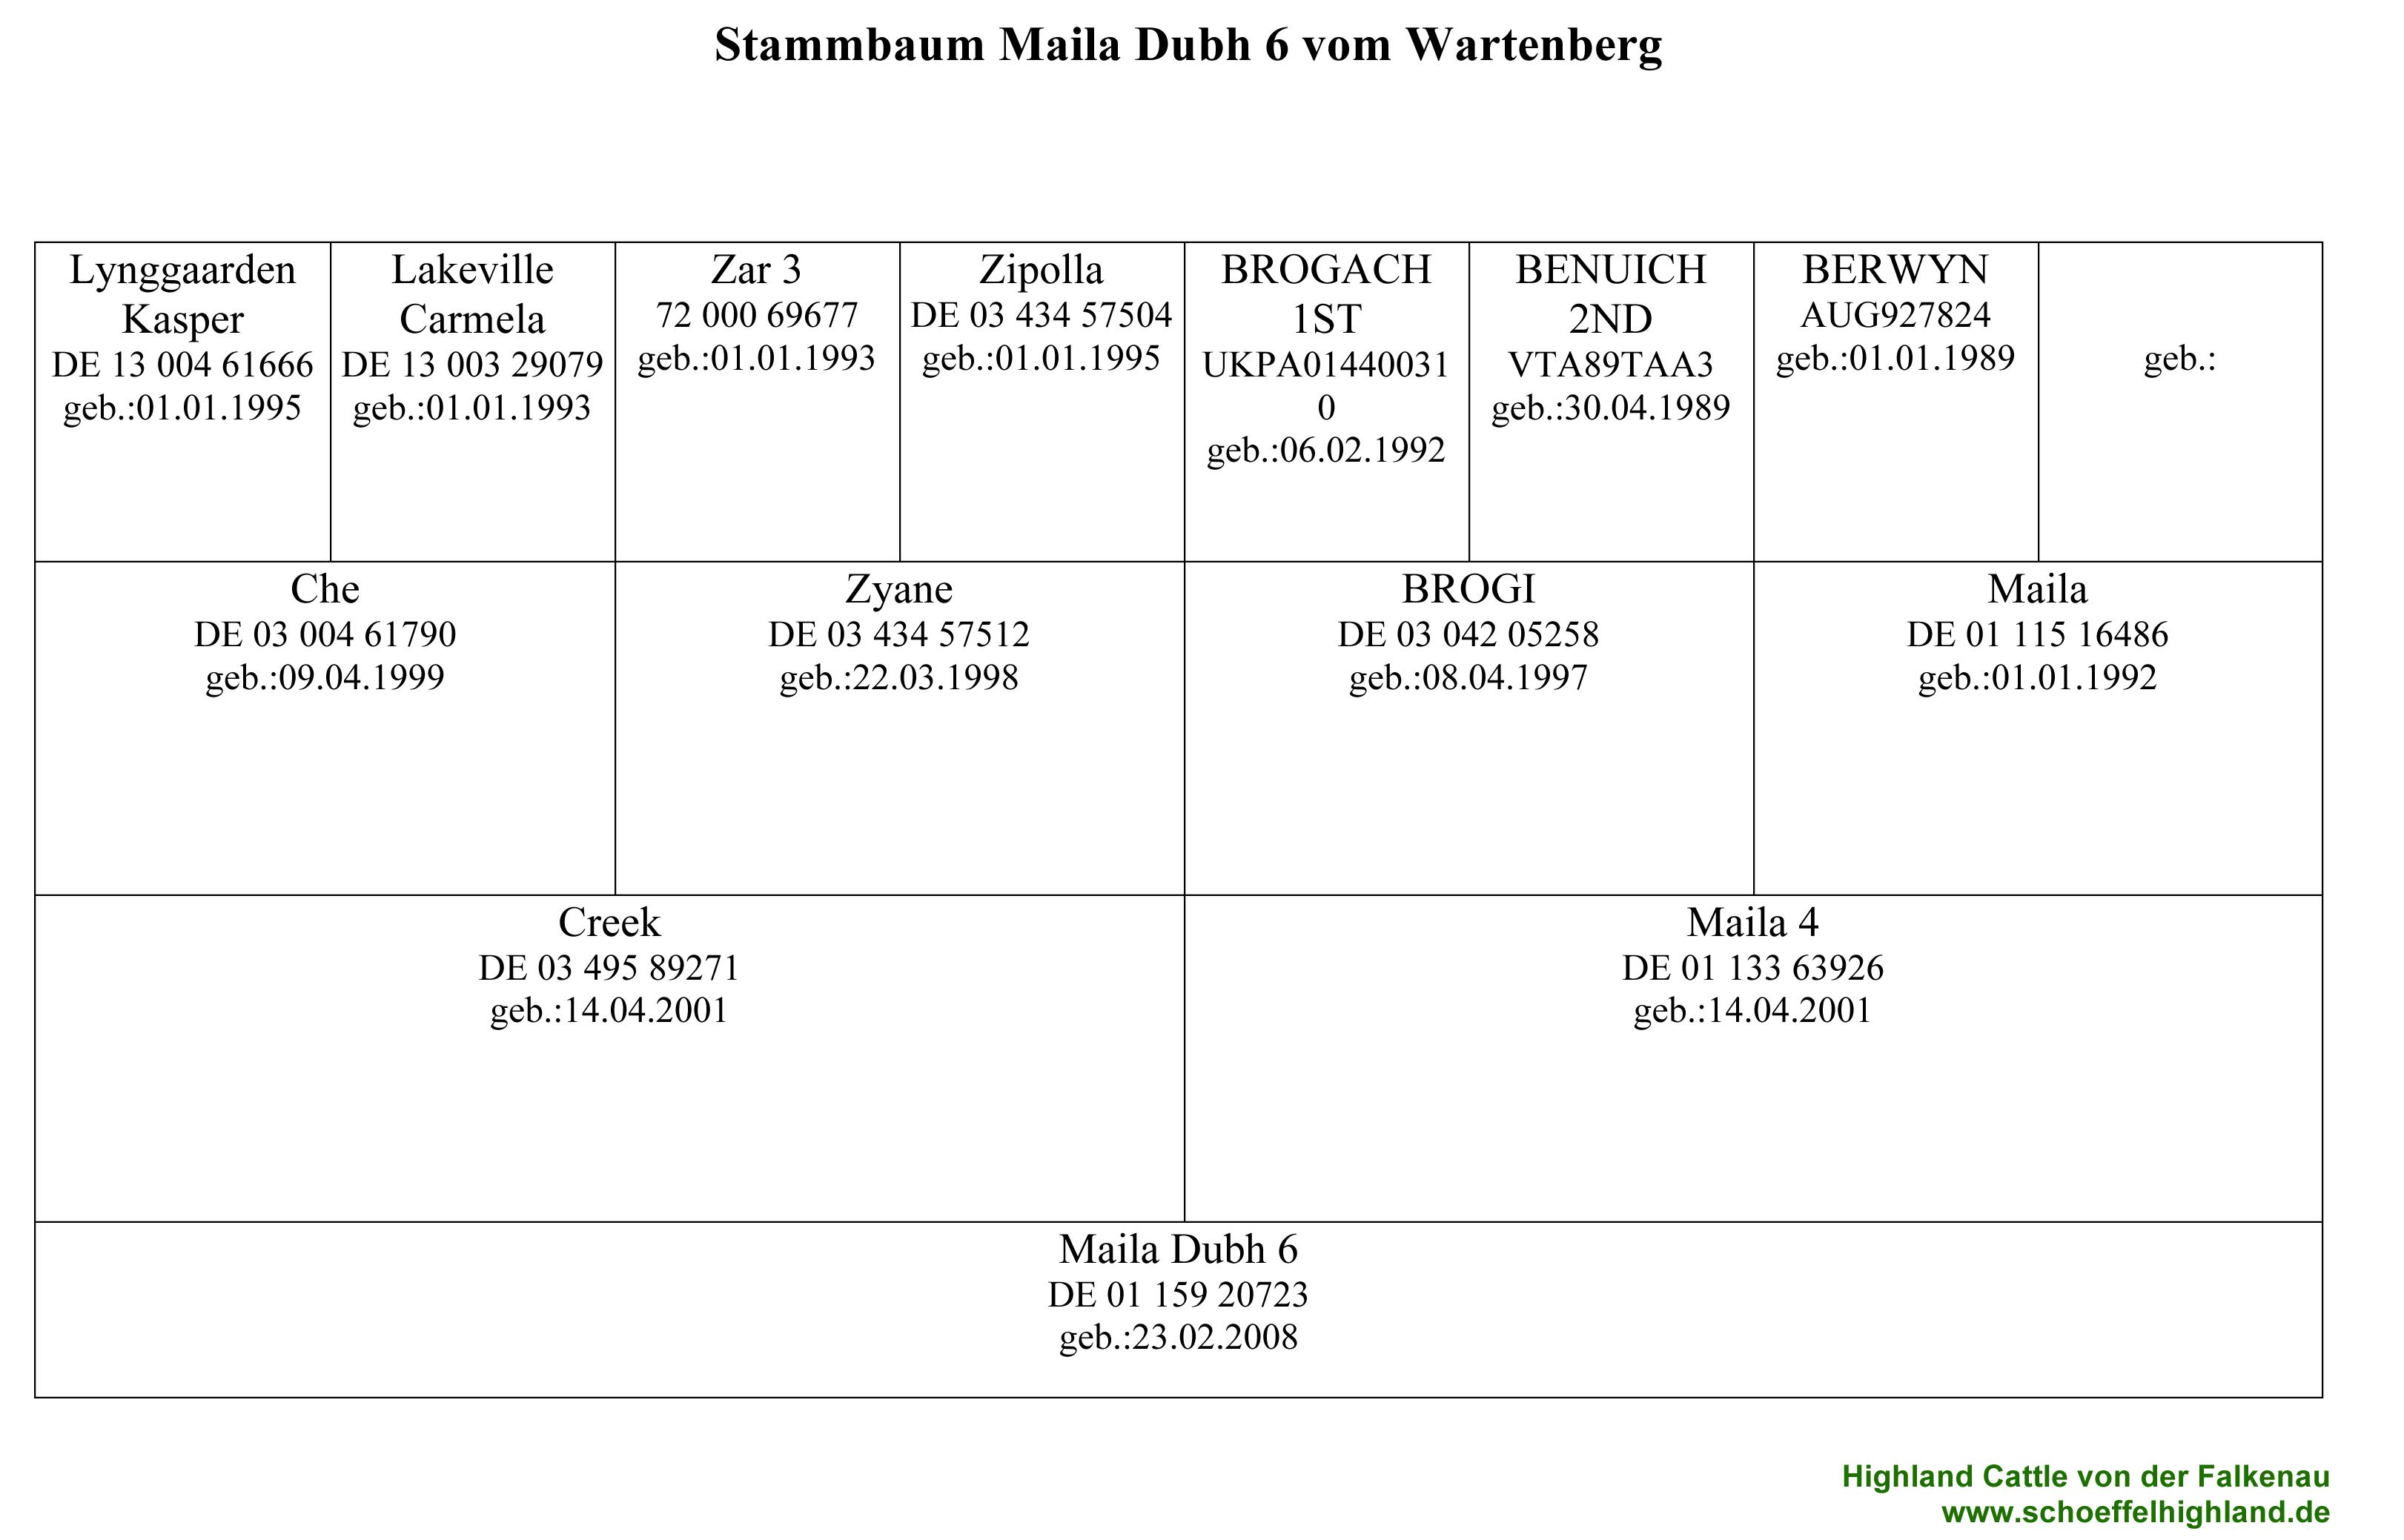 Pedigree Maila Dubh 6 vom Wartenberg